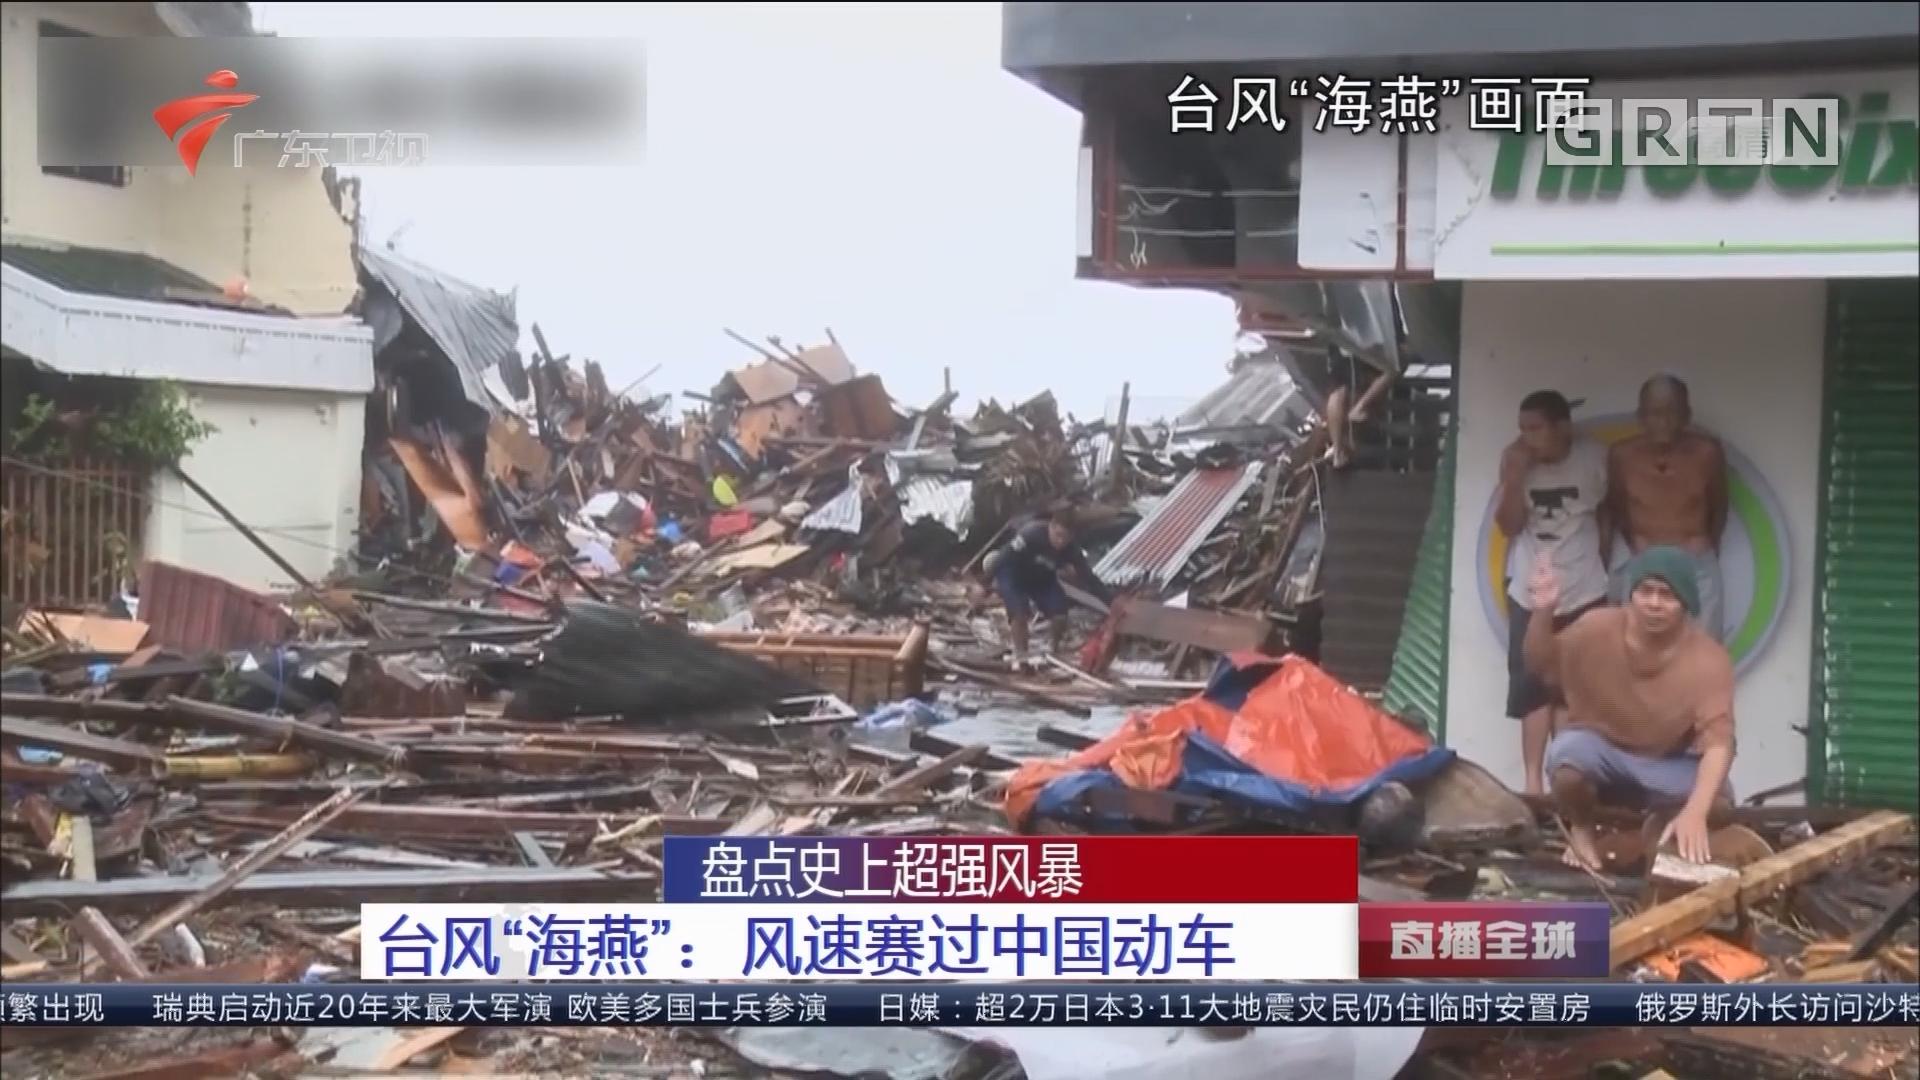 """盘点史上超强风暴 台风""""海燕"""":风速赛过中国动车"""